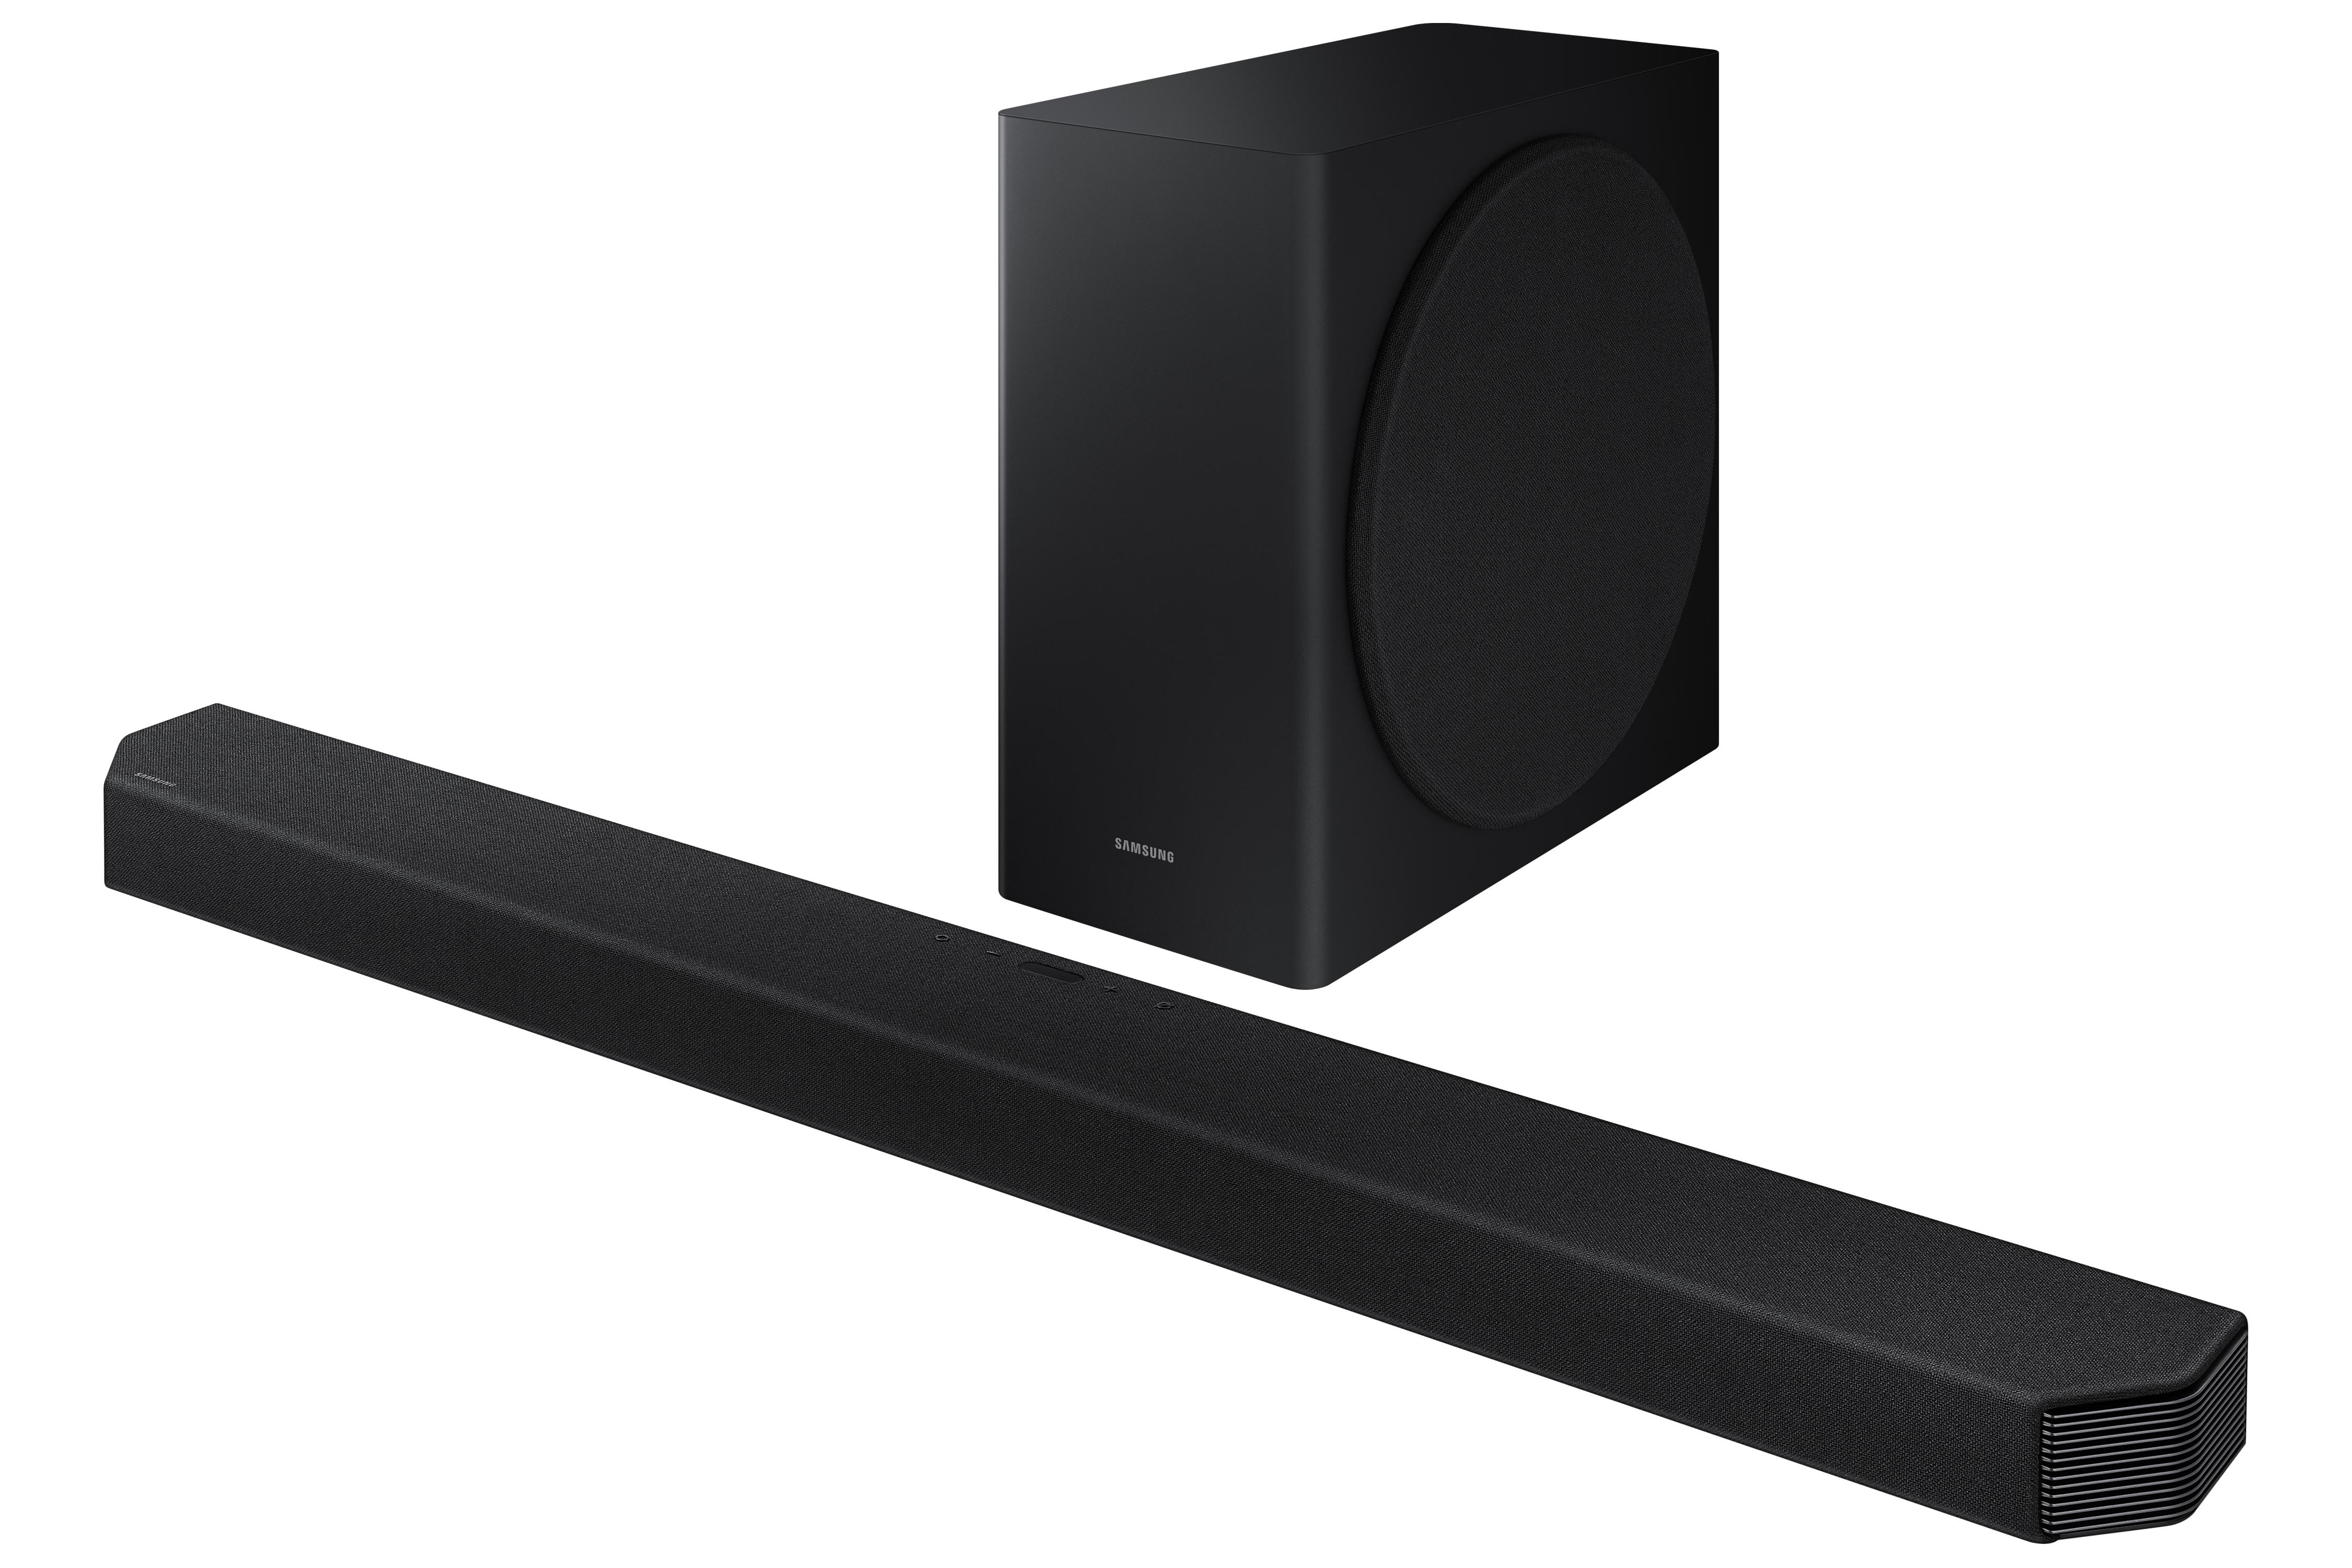 Samsung HW-Q900T Soundbar